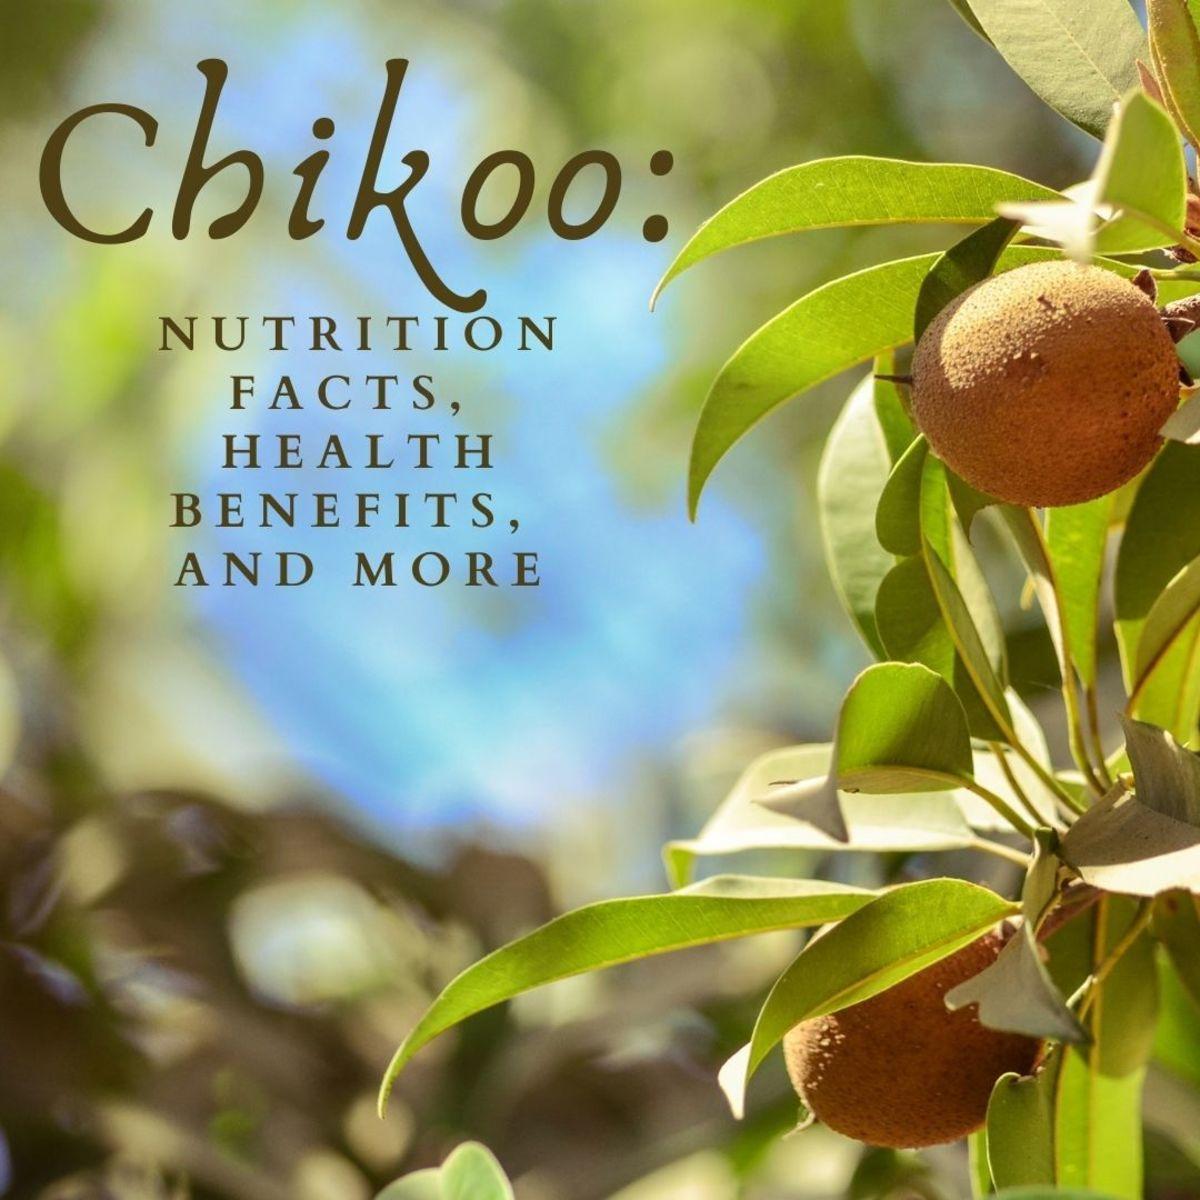 All about Manilkara zapota, also known as sapodilla, sapota, or chikoo